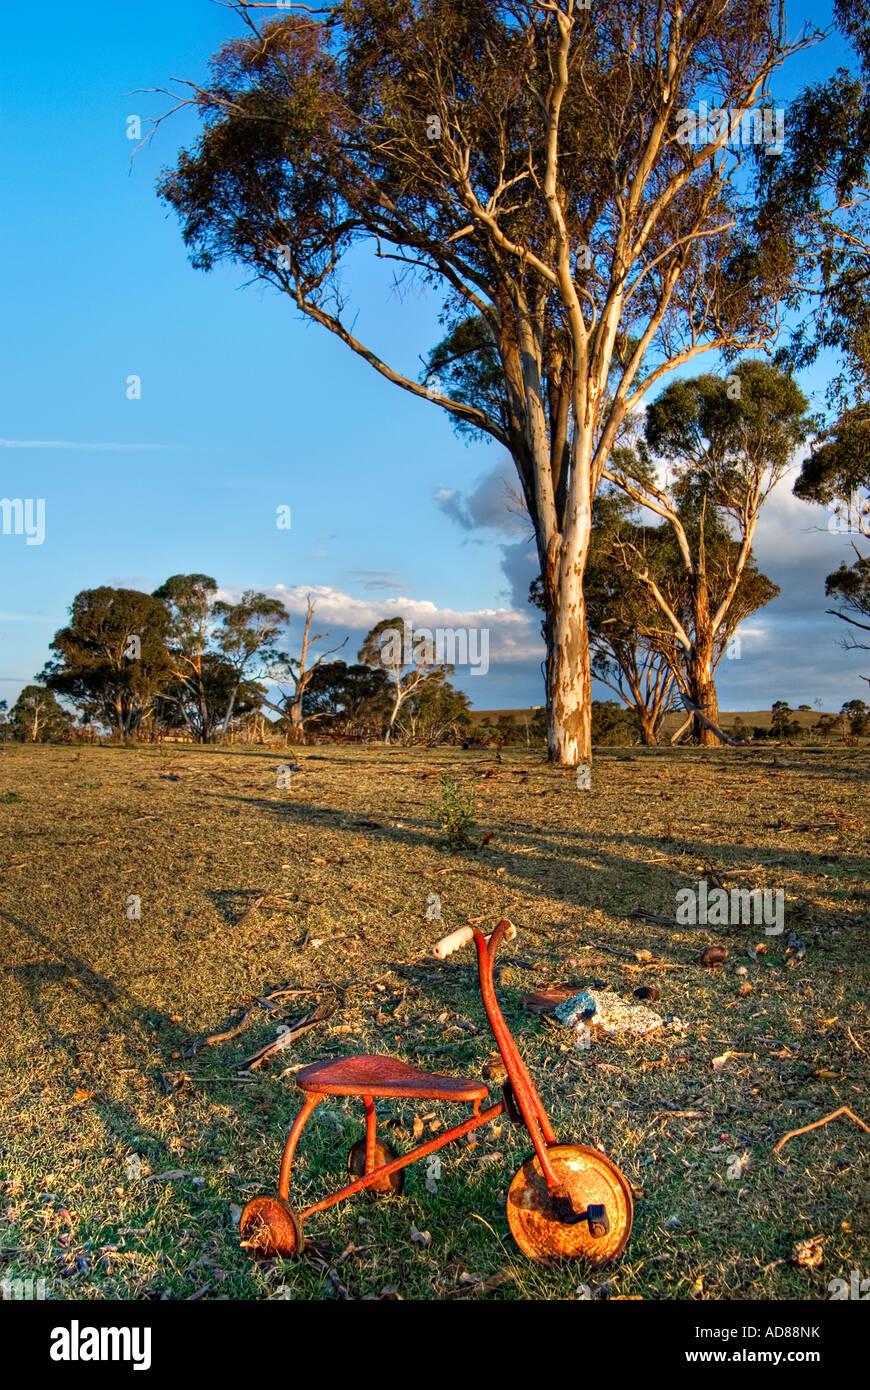 Un vecchio triciclo siede dimenticato in un cantiere di vuoto Foto Stock